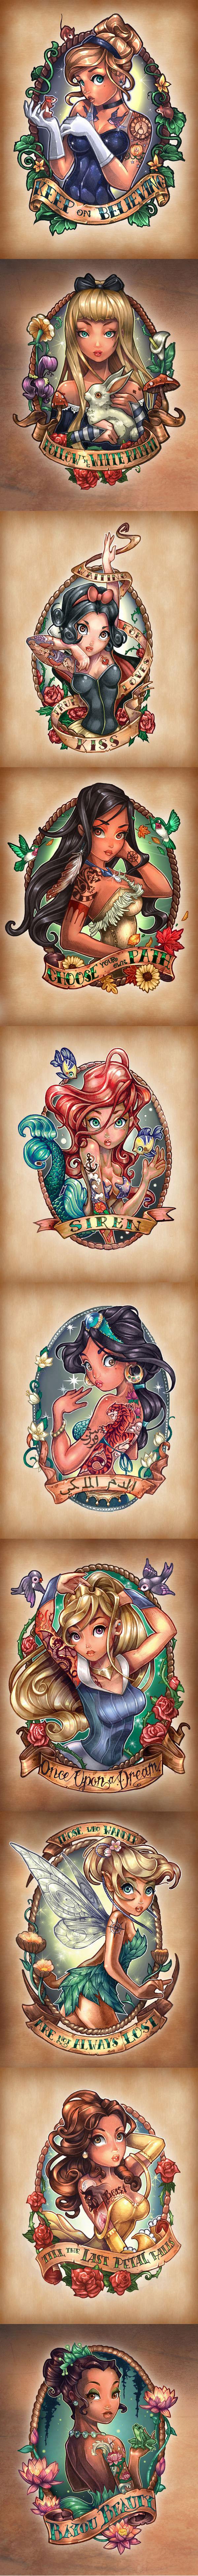 disney princesses as tattoos, fan art